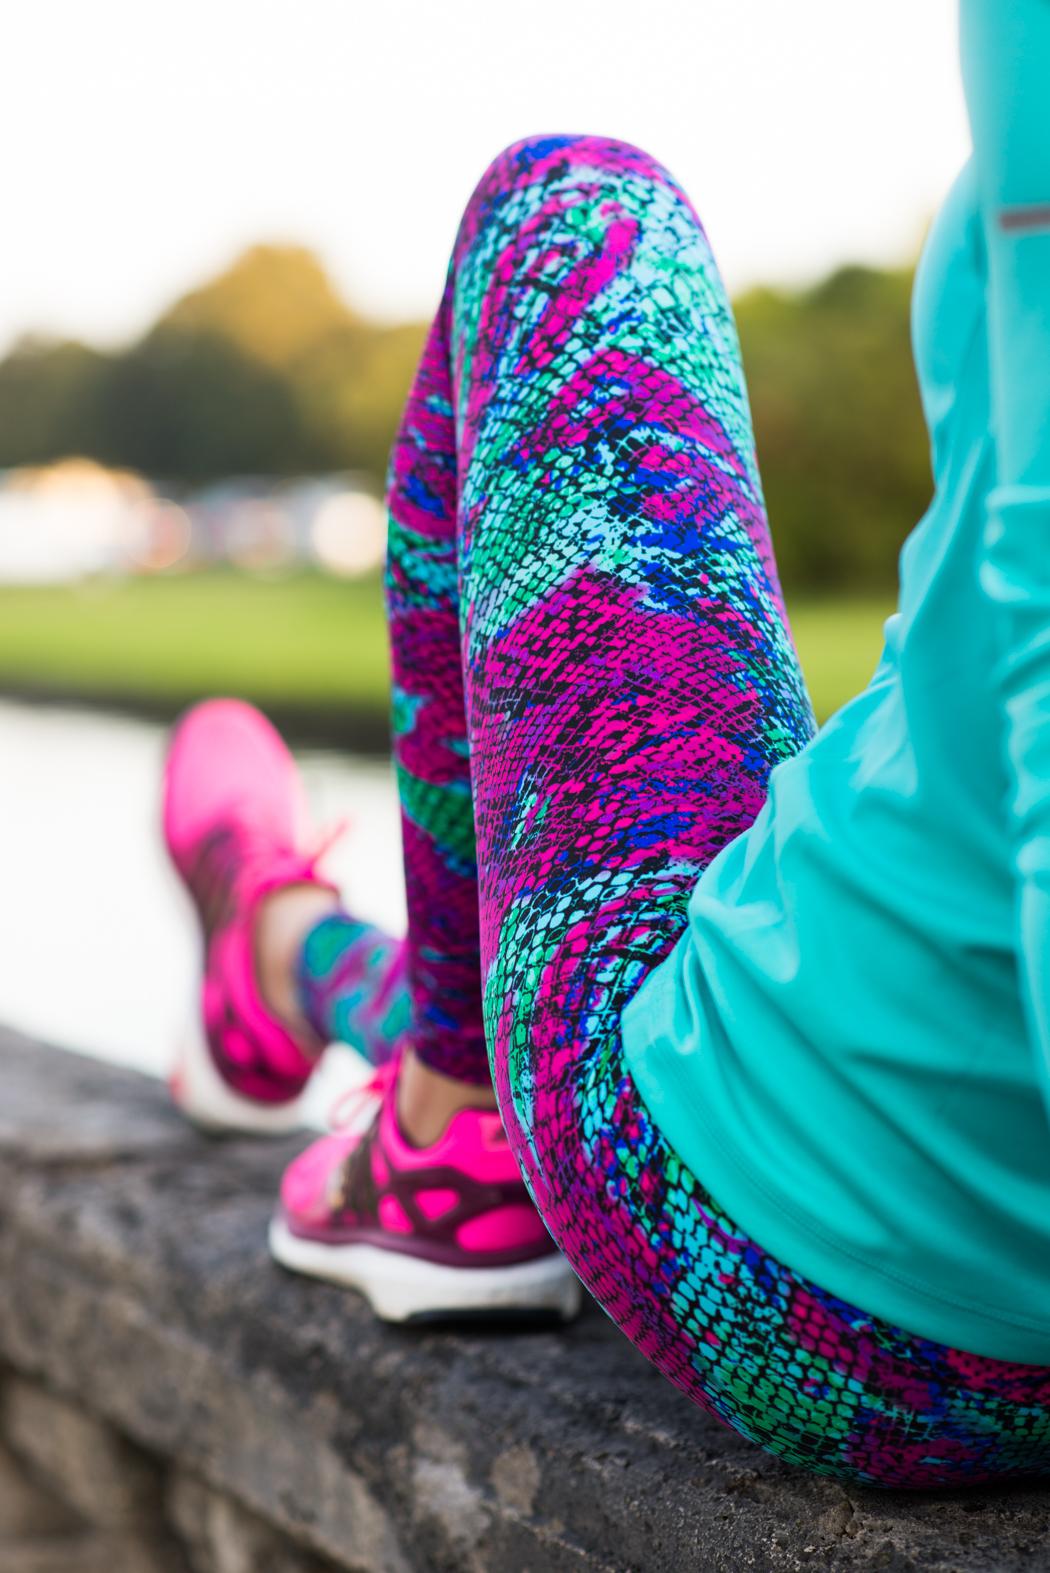 Onzie-Workoutgear-Snakeprint-Adidas-Boost-Fitnessblogger-5